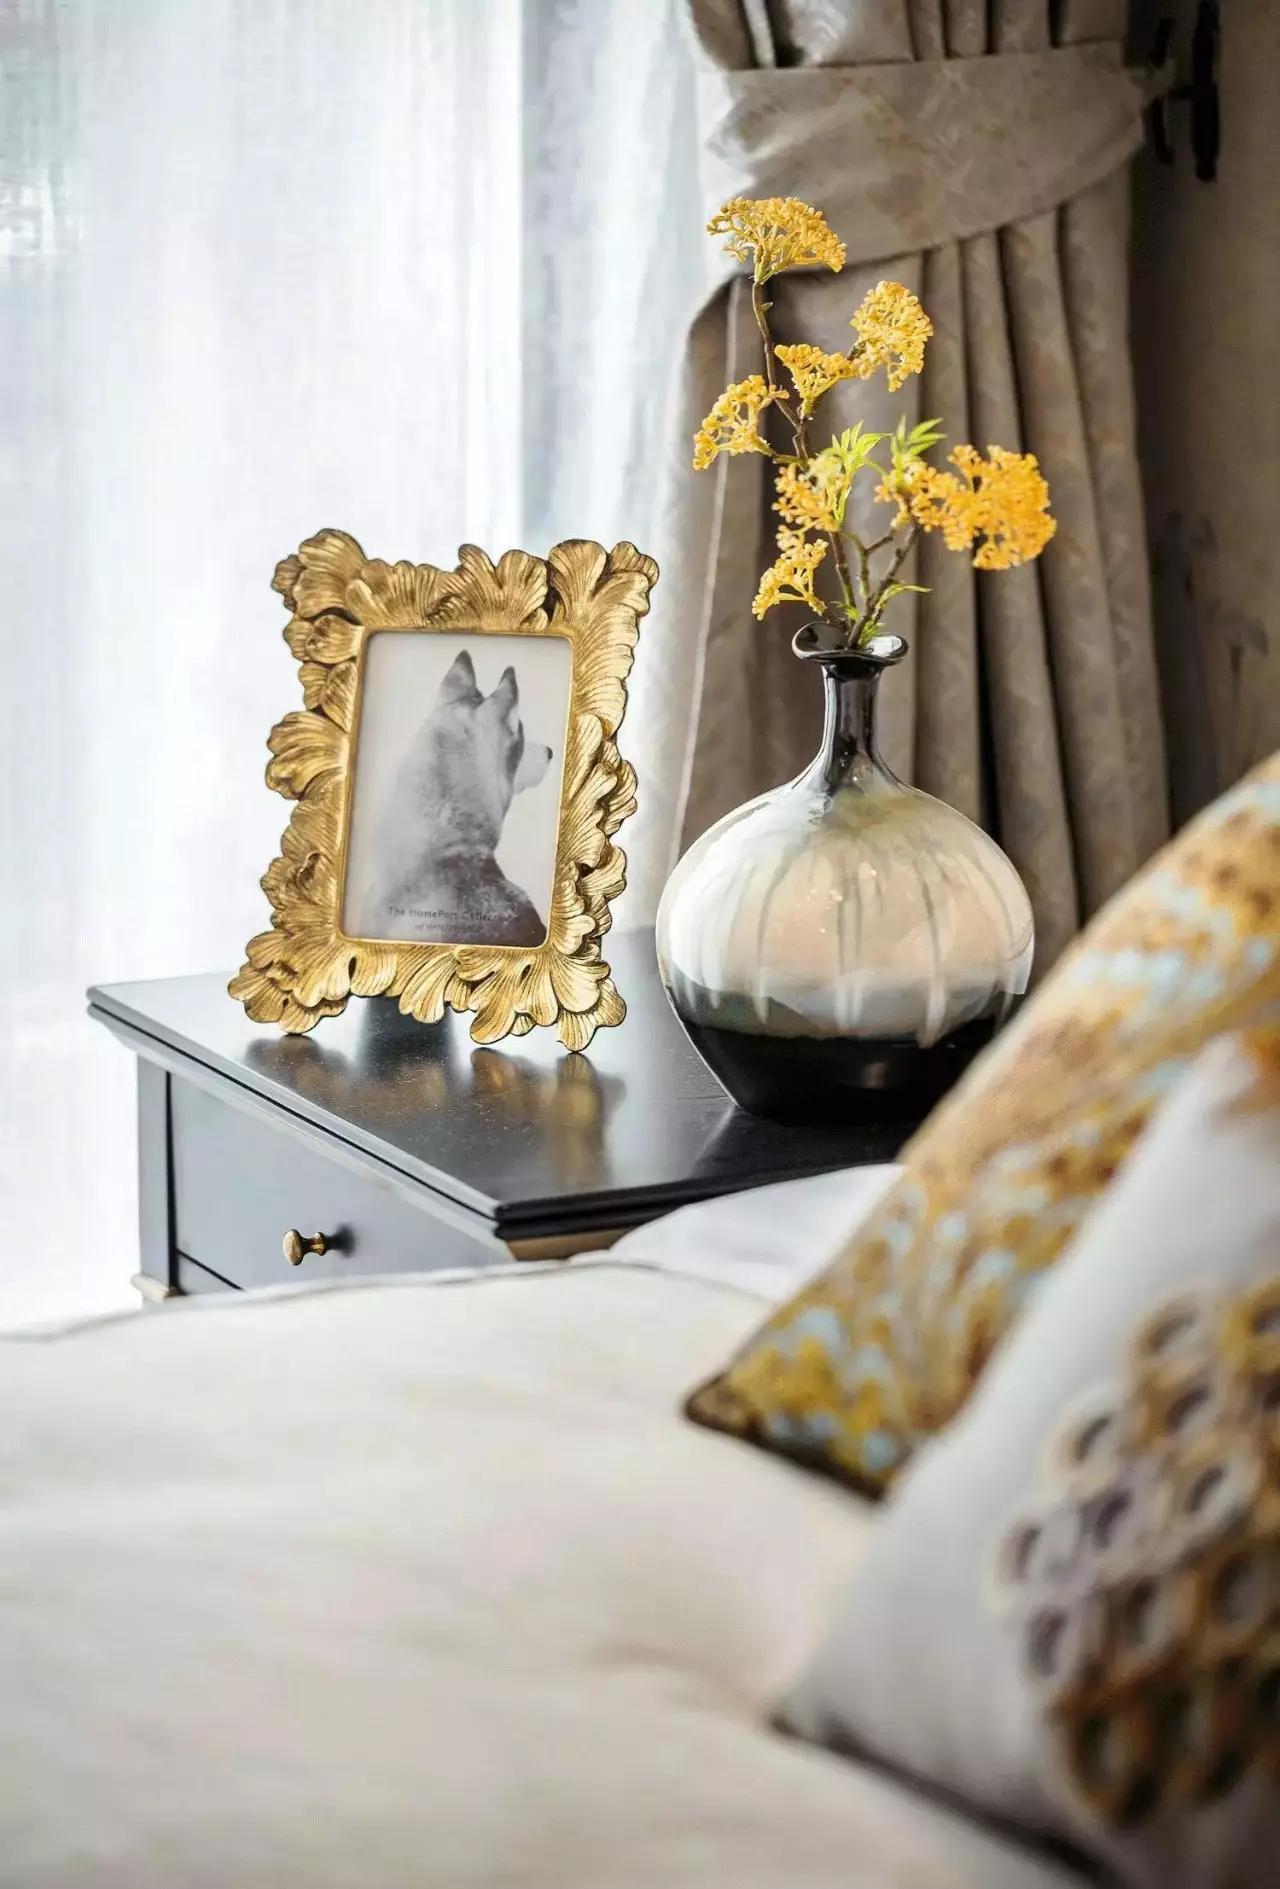 米罗抽象画,来捕捉他的性格,只有飘窗上的小鹿摆件和床头上的鹿